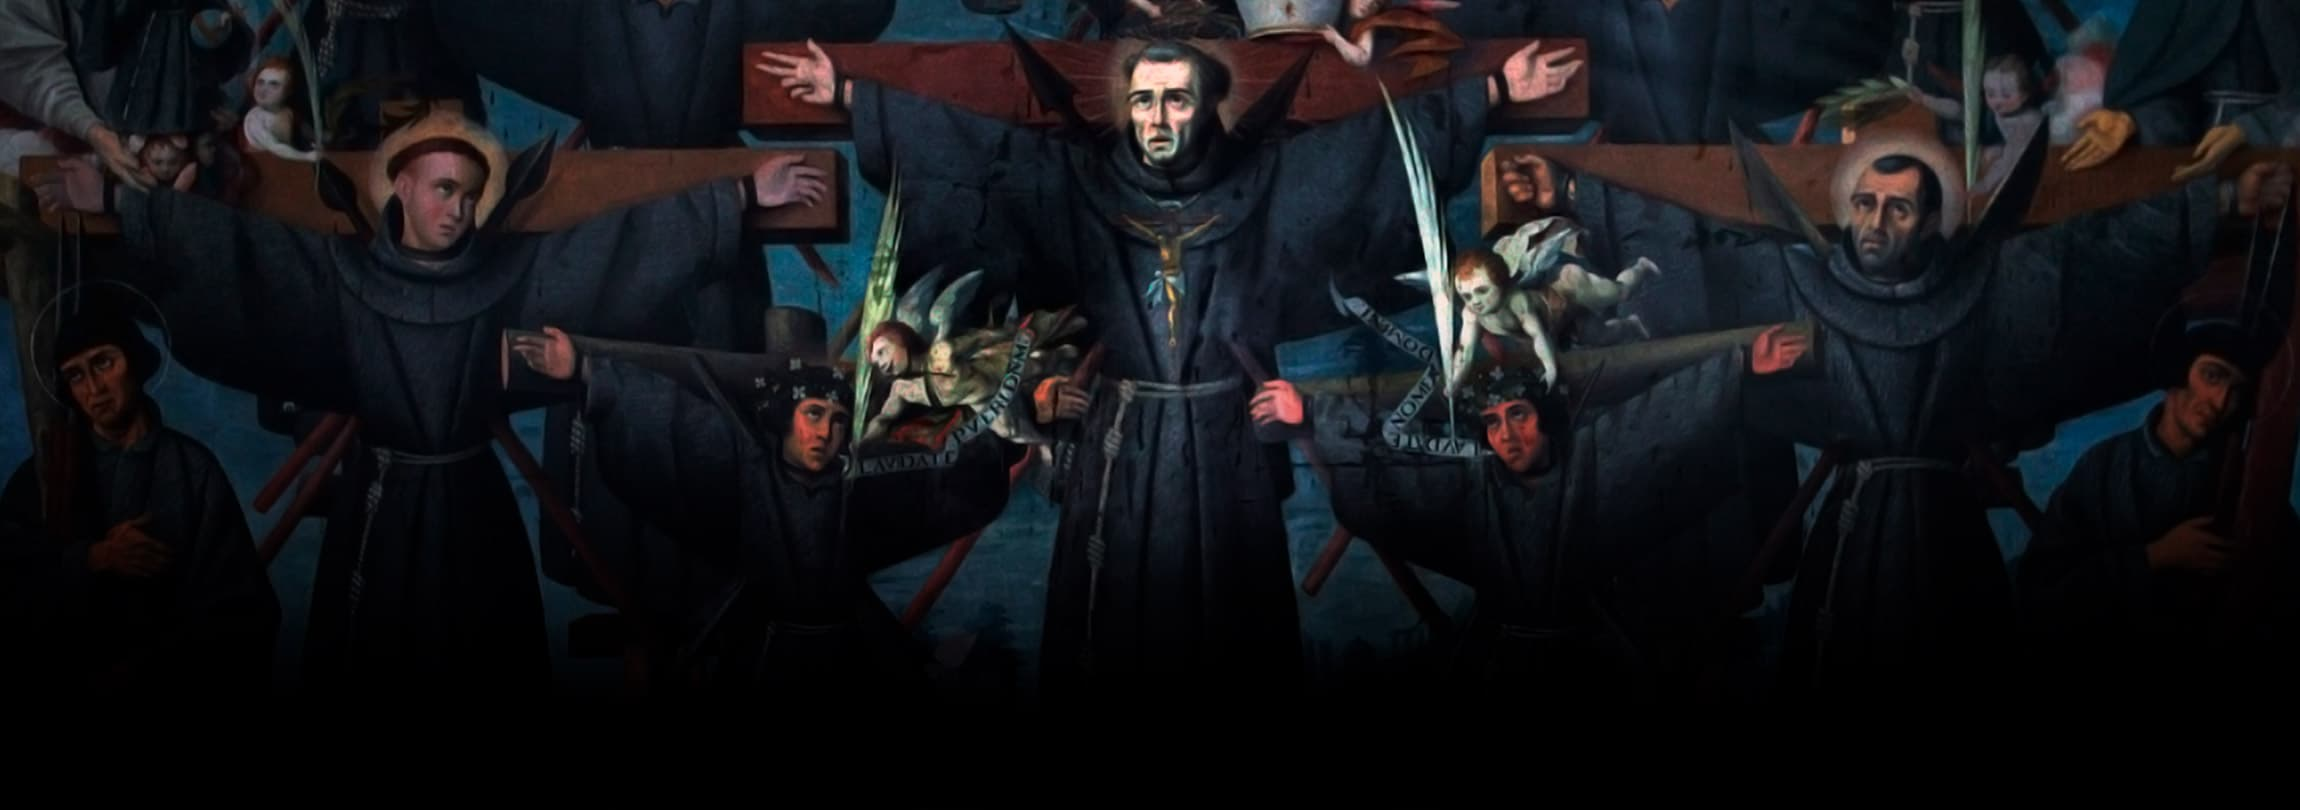 Os católicos nasceram para o combate